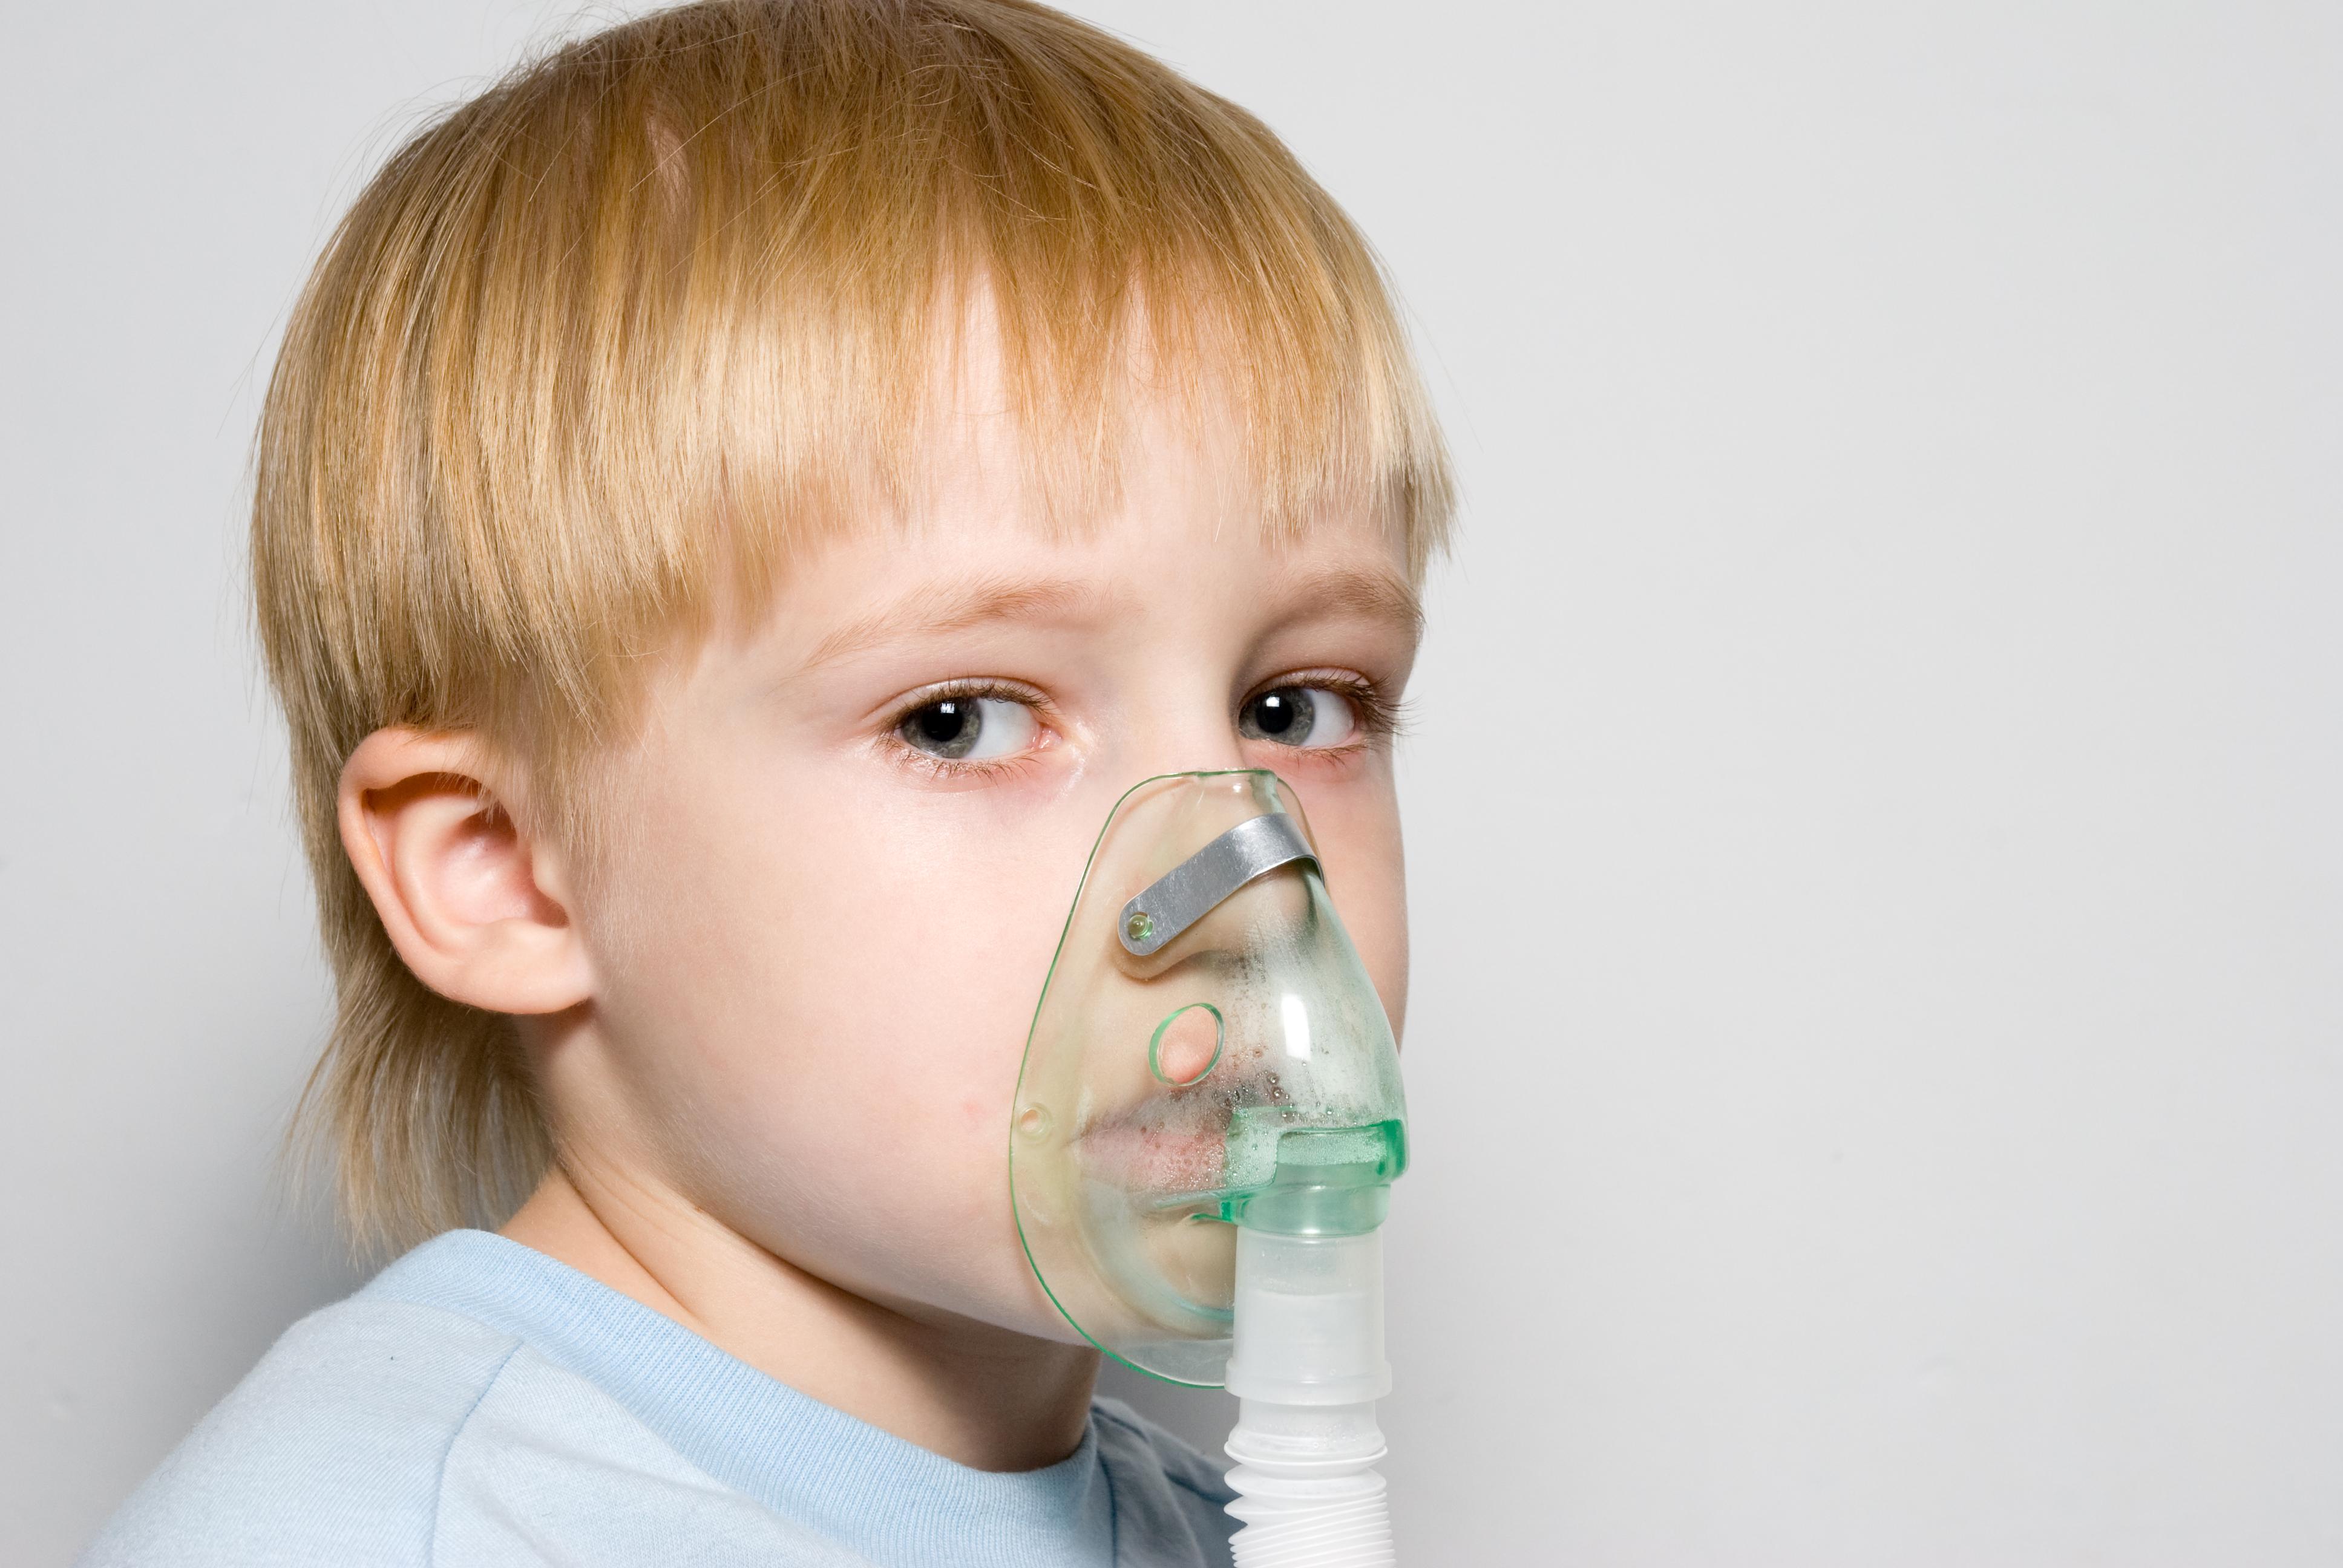 Child breathing through inhaler